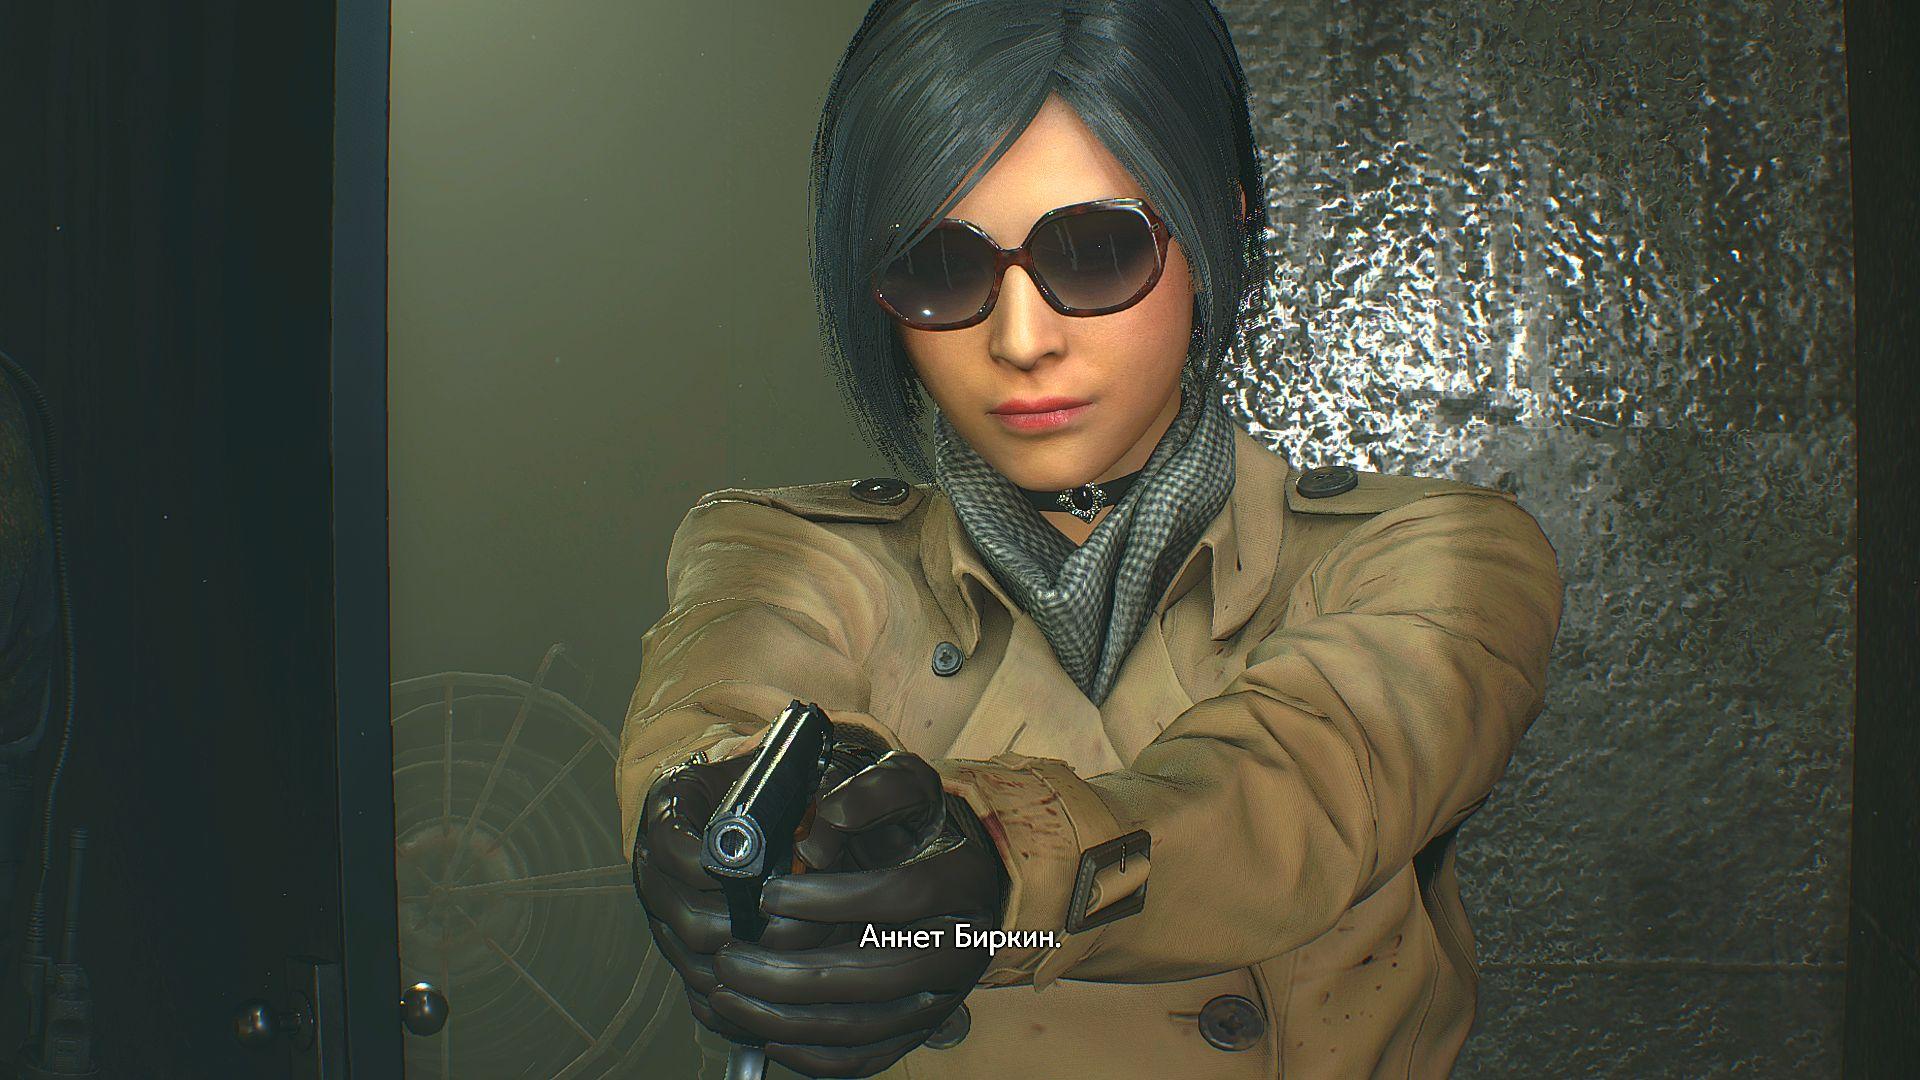 000143.Jpg - Resident Evil 2